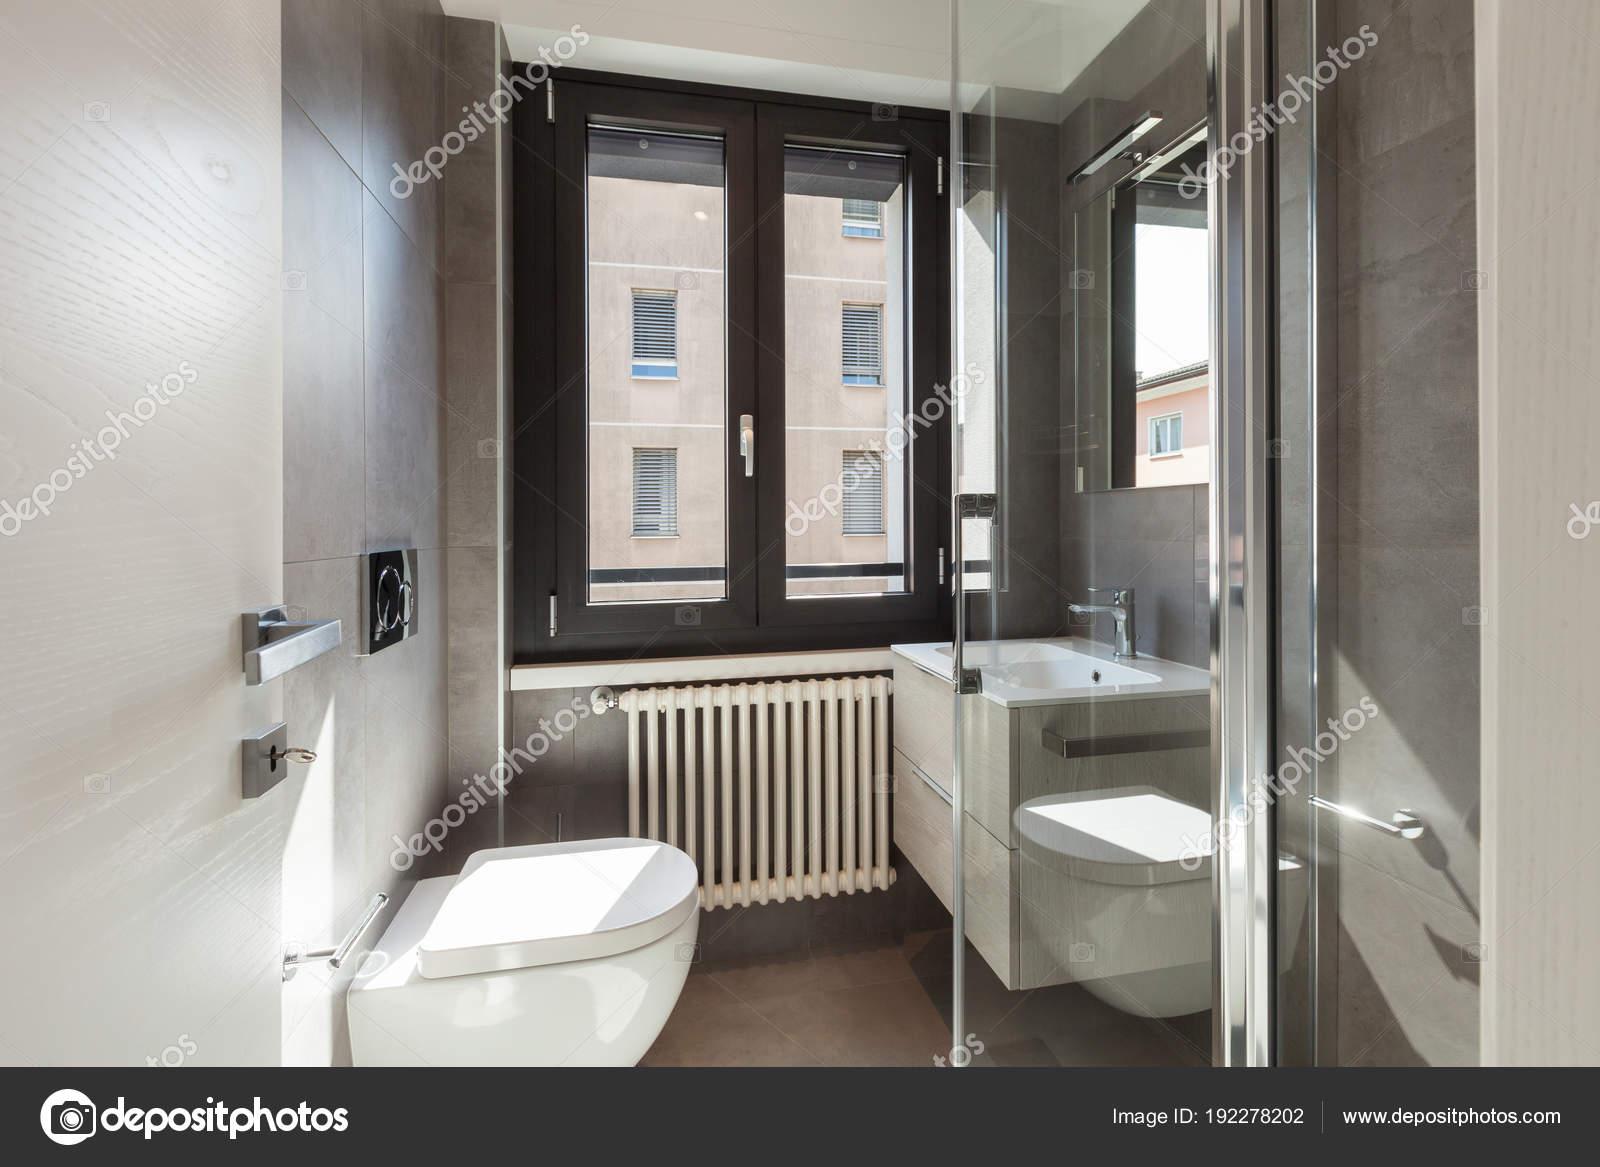 Dettaglio di moderno bagno con piastrelle di grandi dimensioni